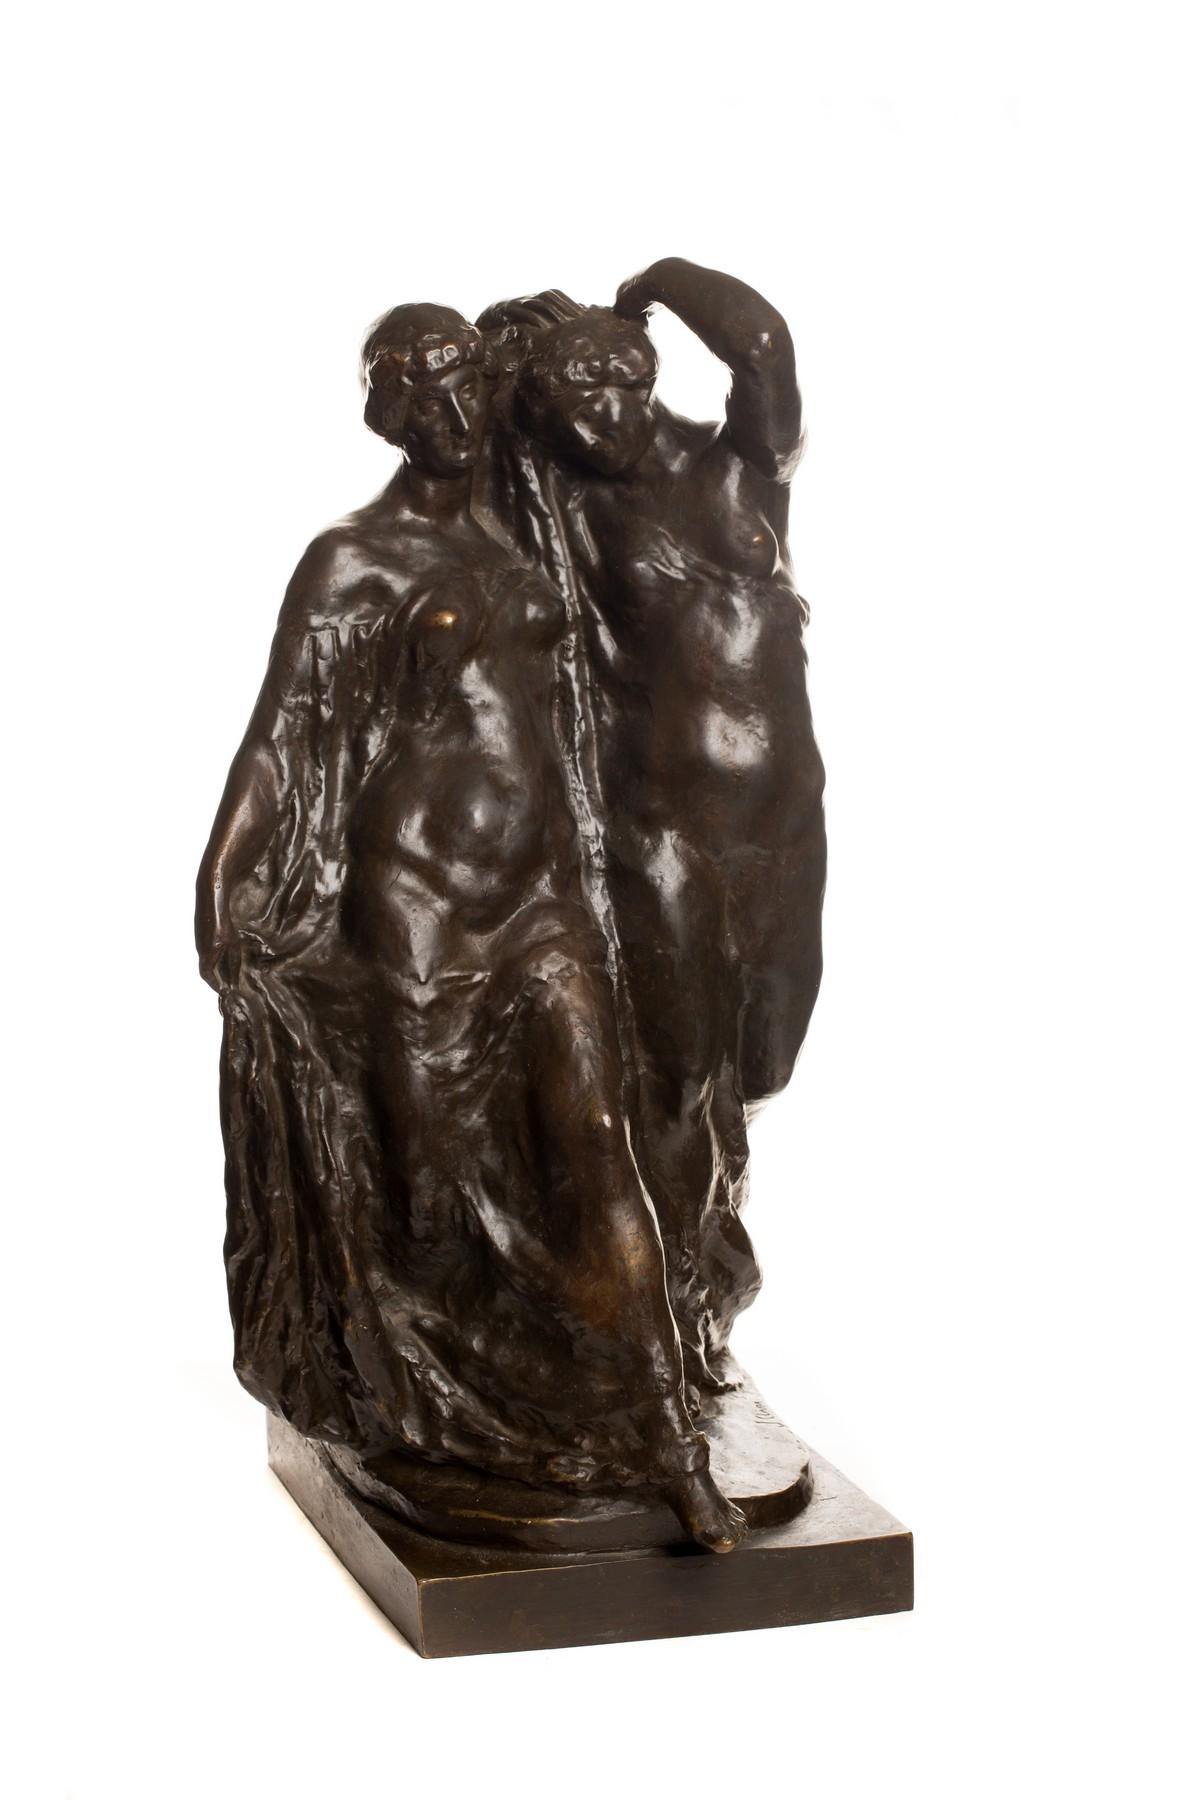 JOSEP CLARÀ. El ritme. Escultura en bronce patinado. Firmada